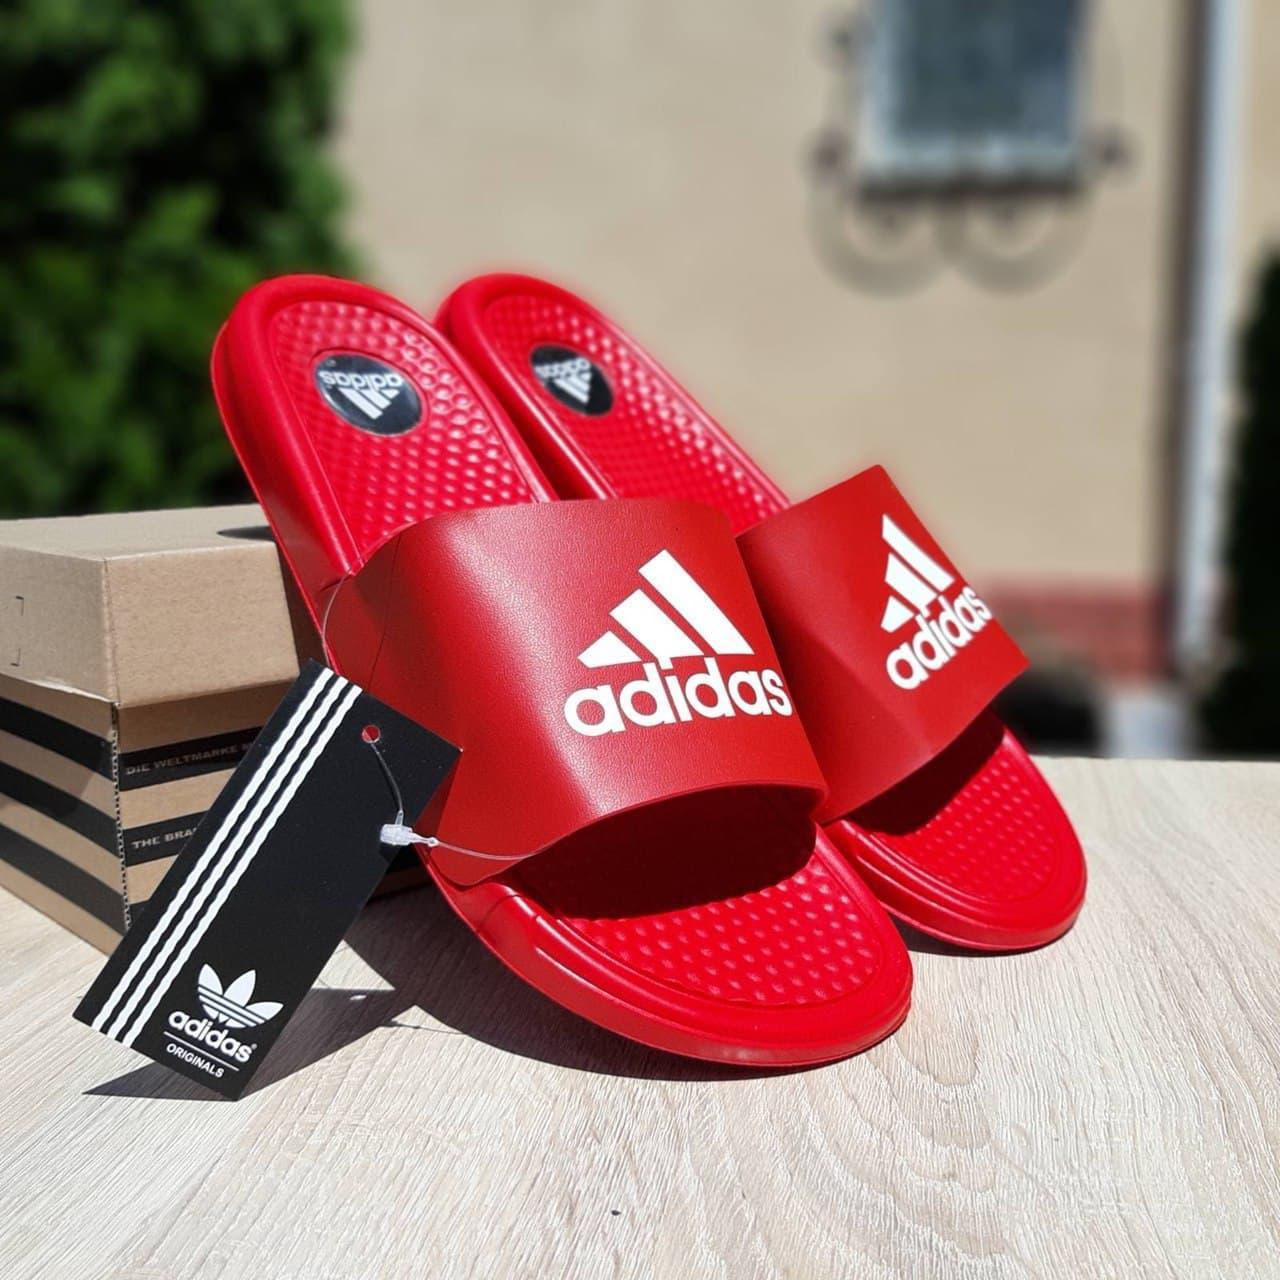 Мужские шлепки Adidas (красные) О40019 модные массажные легкие тапочки